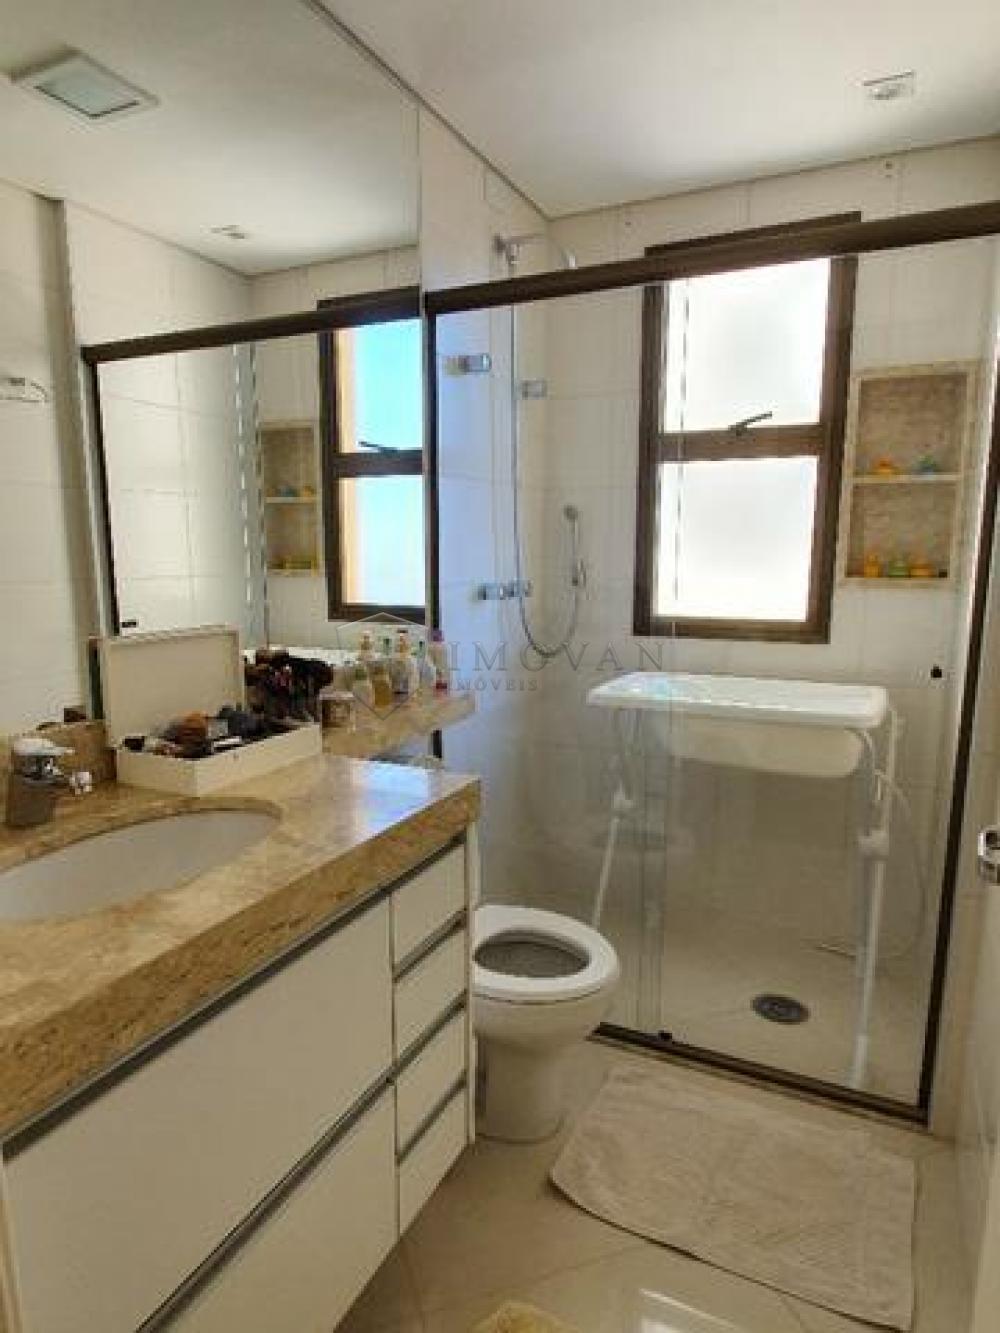 Comprar Apartamento / Padrão em Ribeirão Preto apenas R$ 680.000,00 - Foto 13